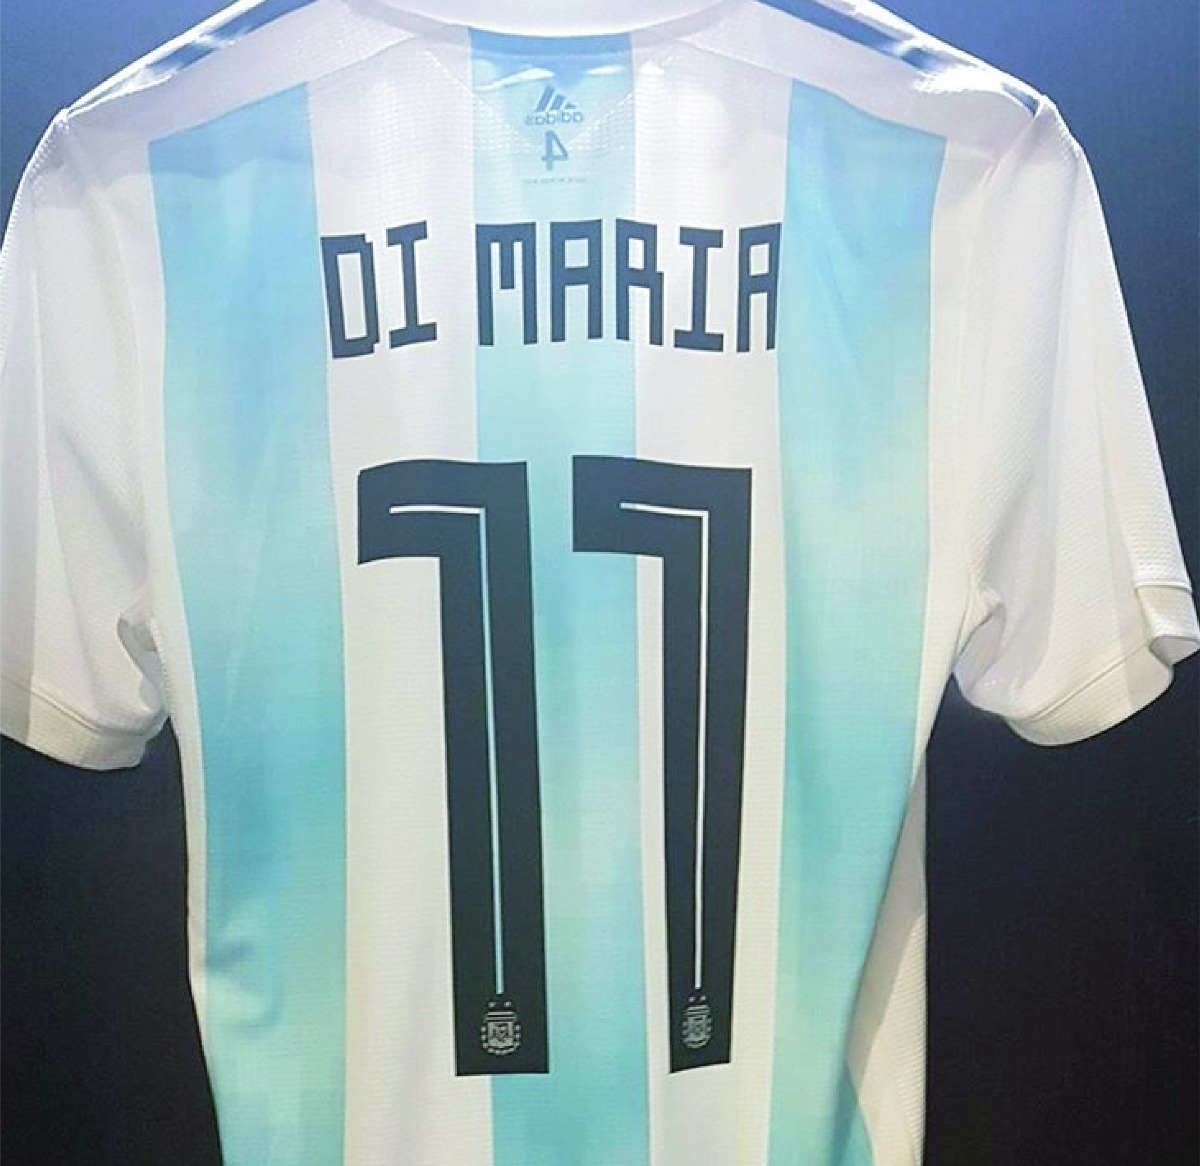 28ea0dec5e estampado camiseta argentina 2018 6 cuotas sin interés. Cargando zoom.